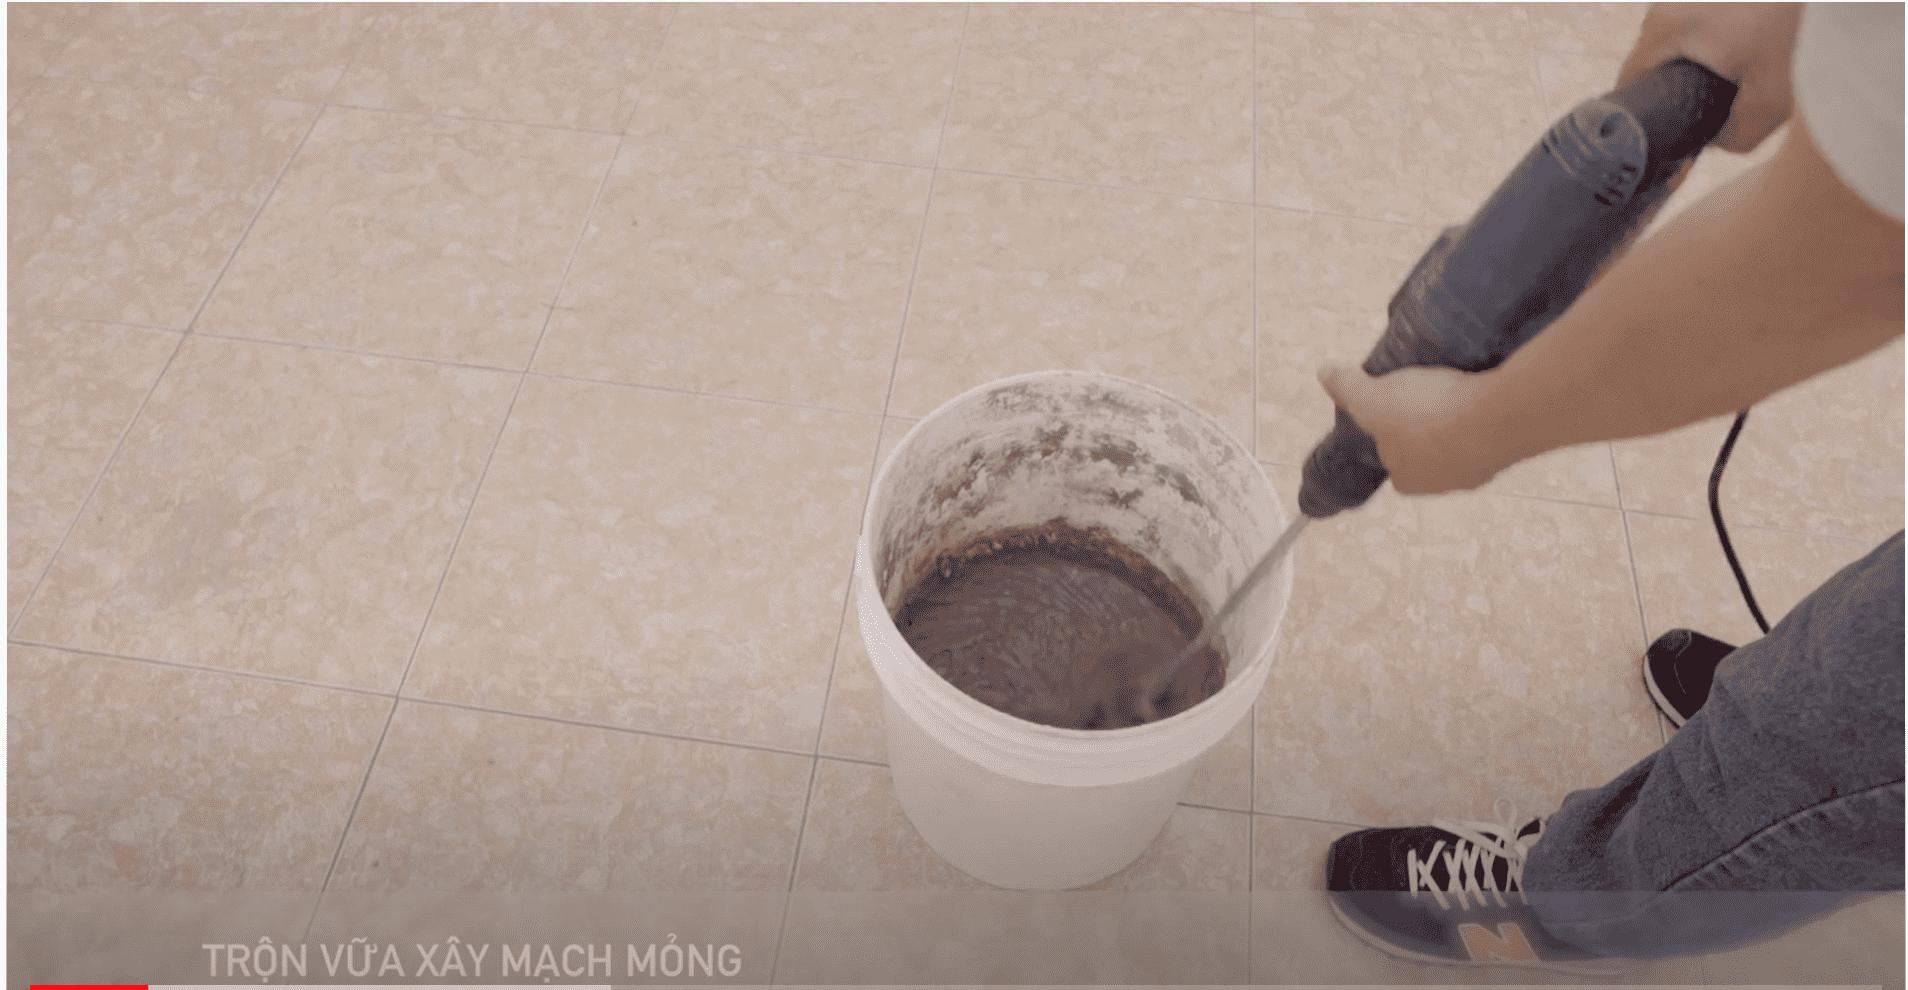 Trộn vữa xây mạch mỏng